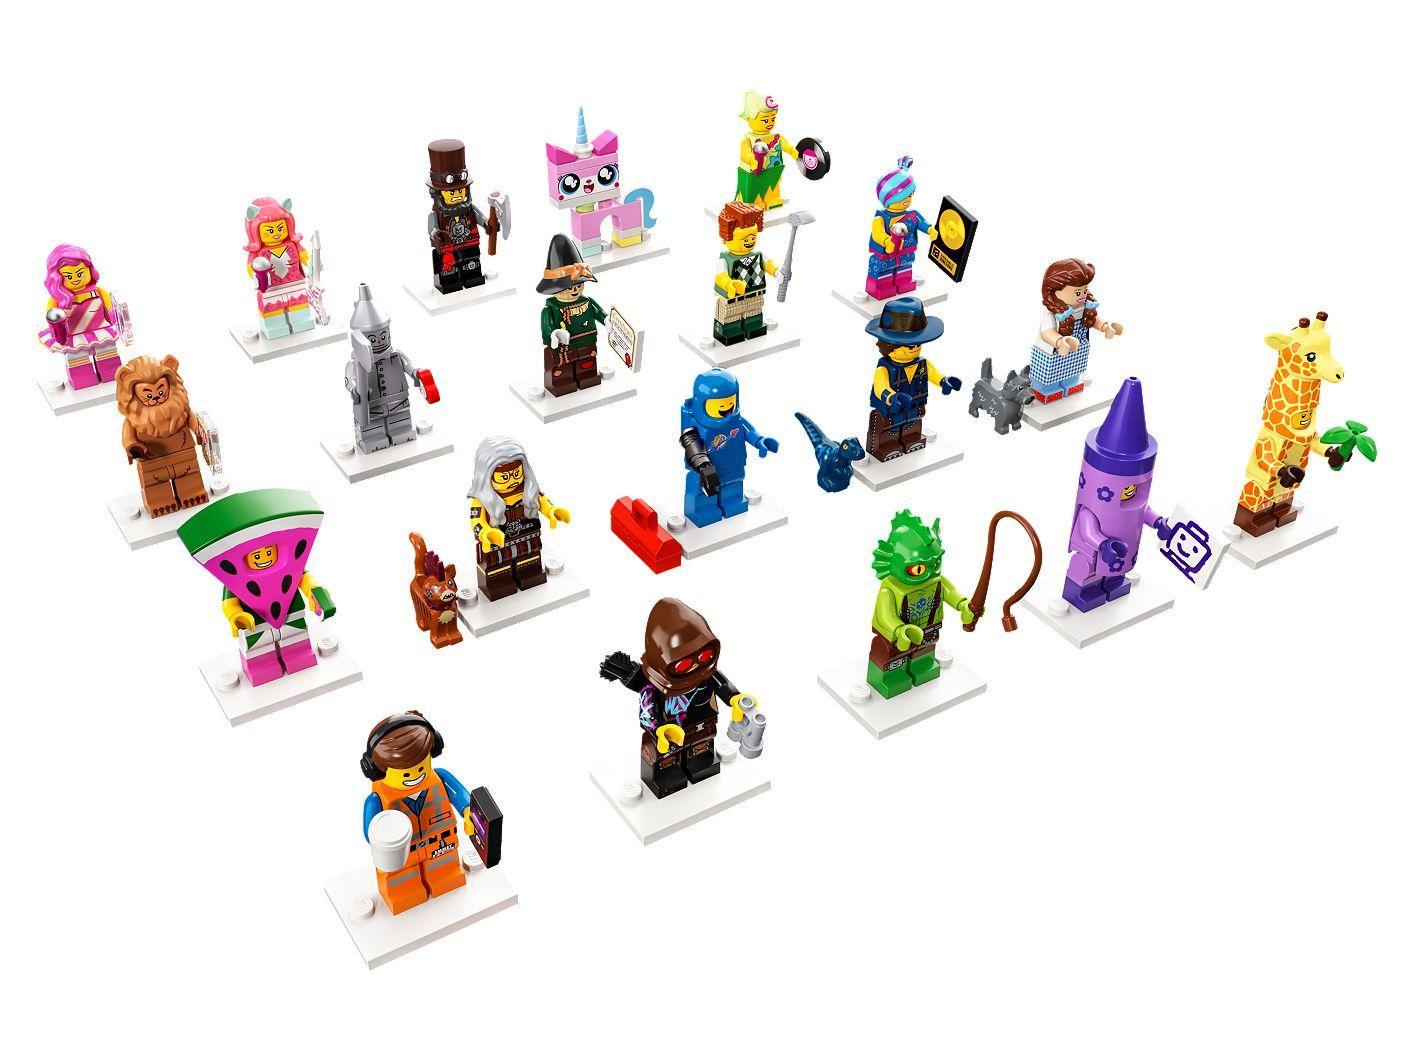 Đồ Chơi Xếp Hình LEGO Nhân Vật LEGO The Movie 2 71023- Hàng chính hãng MYKINGDOM